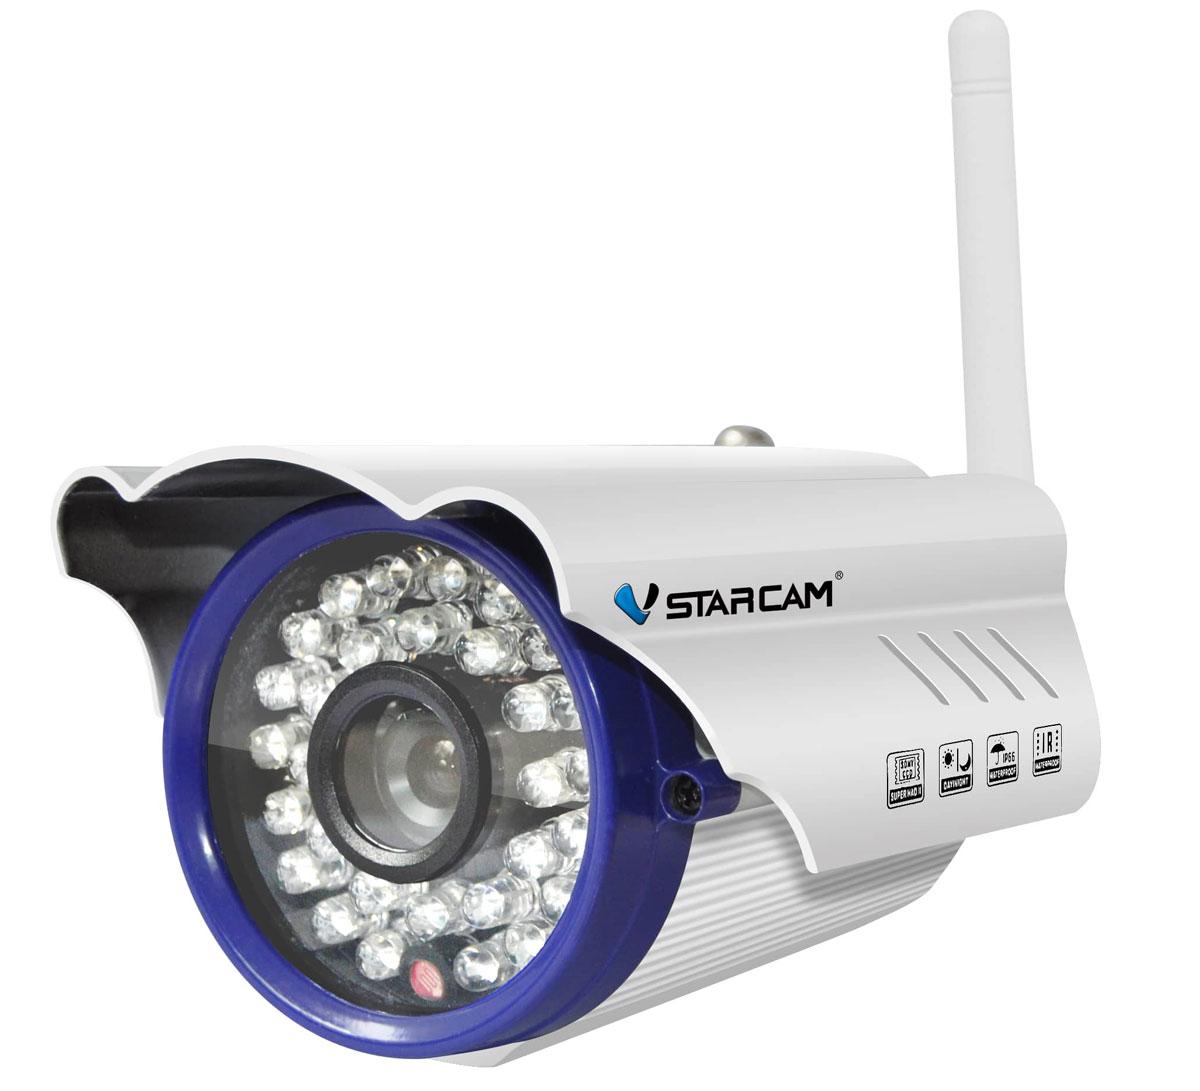 Vstarcam C7815WIP IP камера1600000360082Беспроводная WiFi IP камера Vstarcam C7815WIP - это хорошее сочетание цены, качества и надежности. Герметичный корпус позволяет использовать камеру на улице при температурах до -20 градусов. Ик подсветка до 15 метров дает возможность использовать камеру круглосуточно. Подключить и настроить камеру очень легко, это делается по беспроводной сети WiFi или по сетевому кабелю. Внешняя съемная антенна Wifi позволяет получать устойчивый сигнал на расстоянии до 50 метров, также, есть возможность использовать другие, более сильный WiFi антенны Камера Vstarcam C7815WIP можем быть подключена к регистратору или сервису видеонаблюдения по протоколу Onvif или RTSP, что позволяет использовать ее в составе комплексных систем видеонаблюдения.Камера поддерживает сжатие видеоизображения в кодек H.264, что делает объем потока существенно меньше, чем при использовании jpeg сжатия.Vstarcam C7815WIP - это HD камера с разрешением 1280 на 720 пикс и отличным качеством картинки.Одновременный просмотр: 4 пользователяПитание: 12 ВМаксимальный объем карты памяти: 64 ГБ